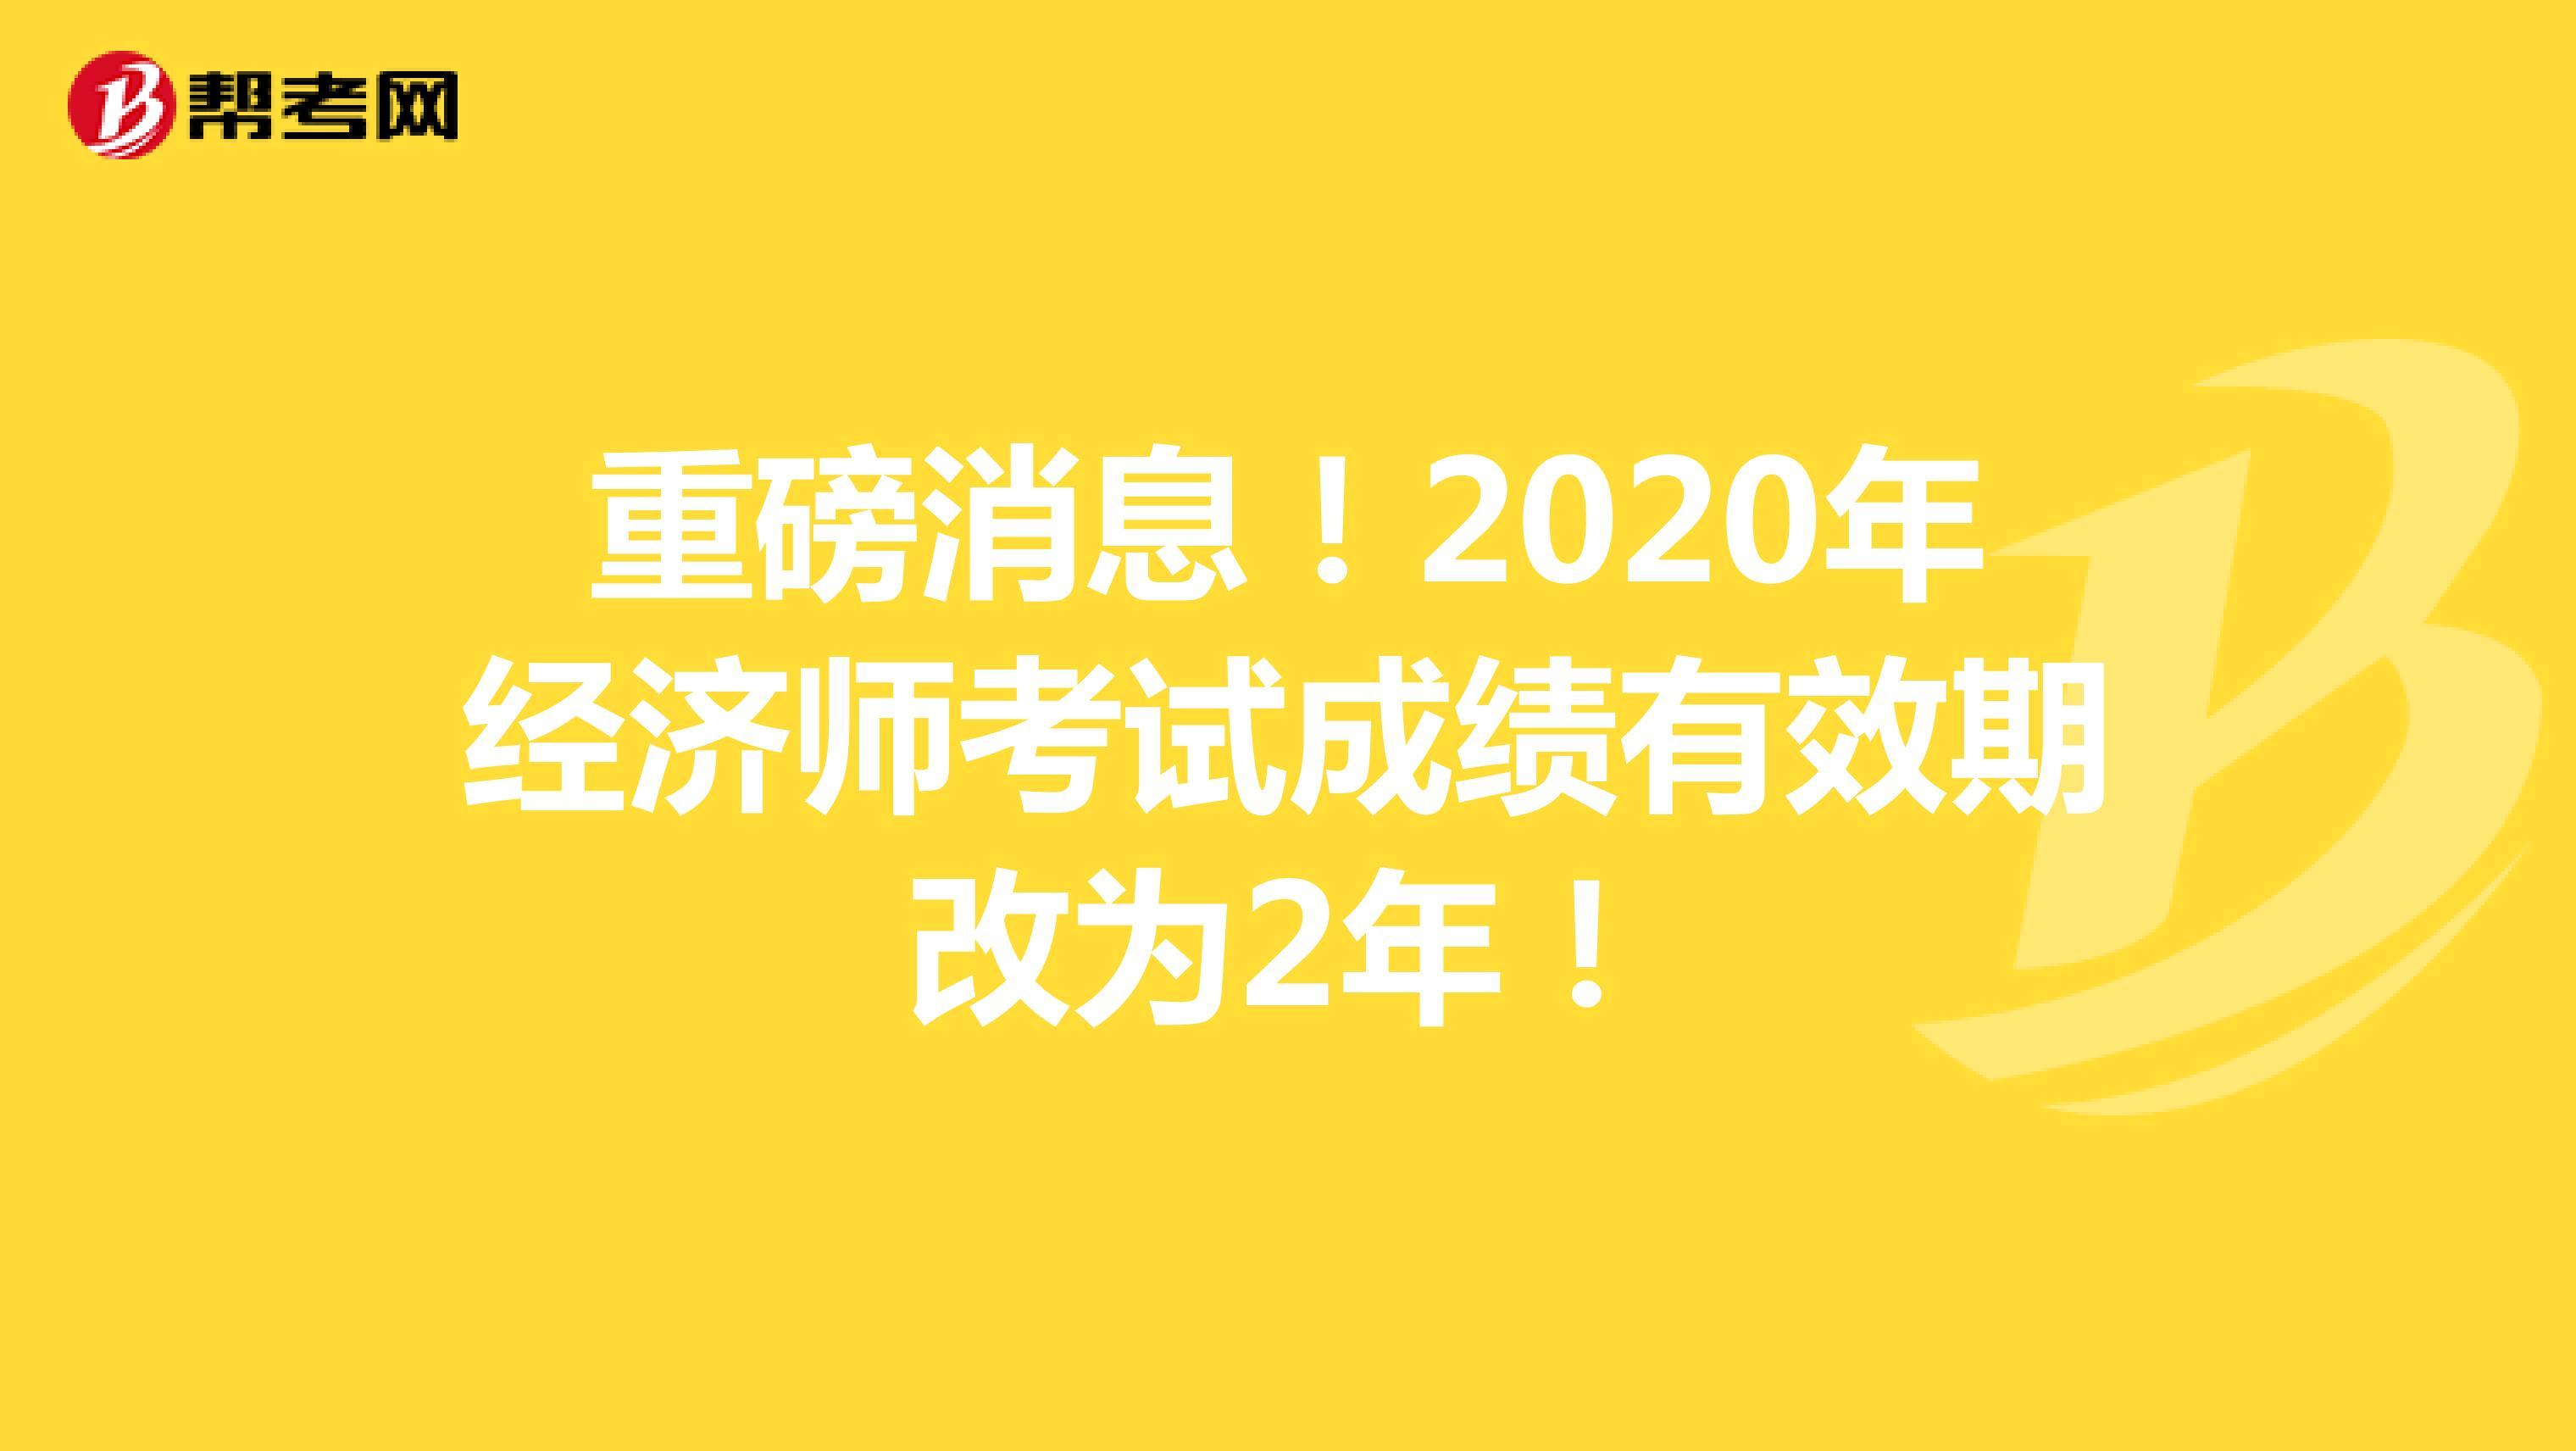 重磅消息!2020年经济师考试成绩有效期改为2年!